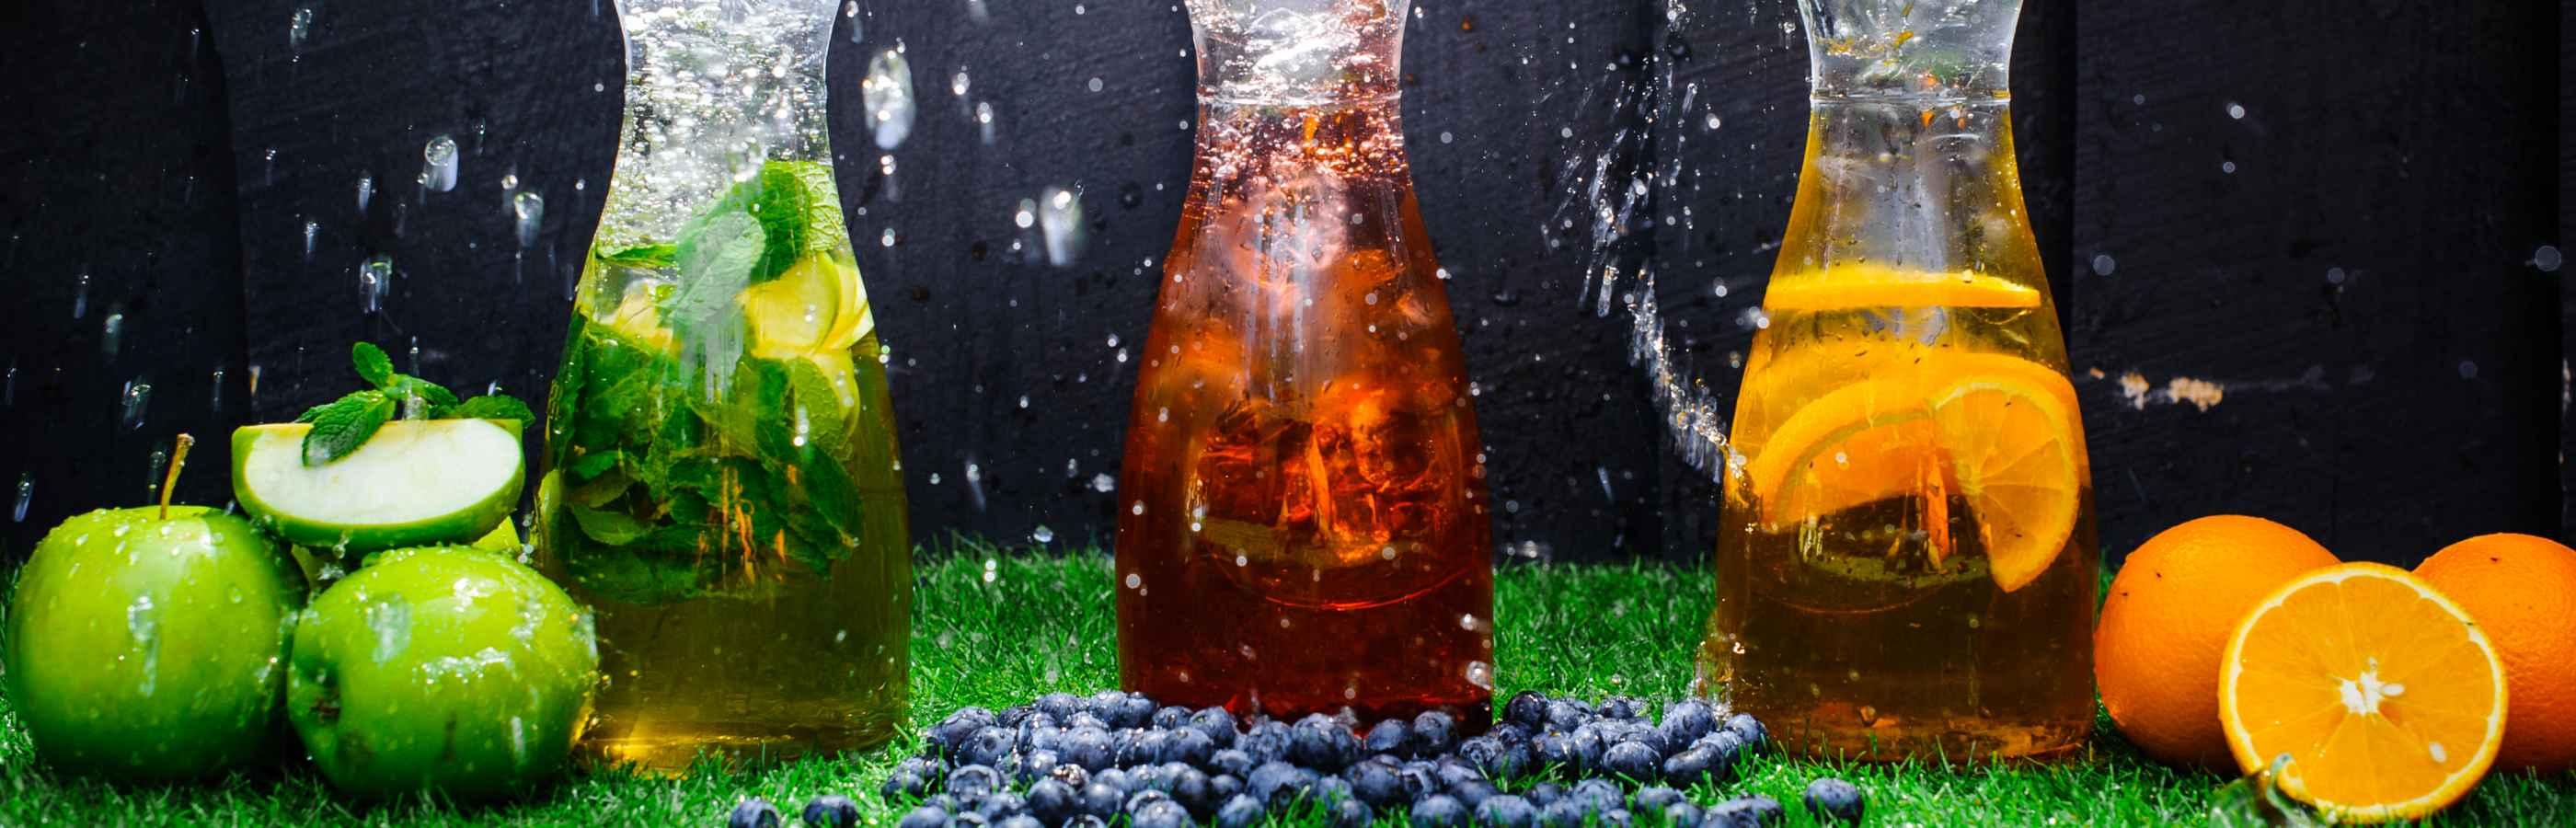 Mixen Sie Ihre Getränke nach Ihrem Geschmack und fügen Sie ihrem Wasser Sirup hinzu